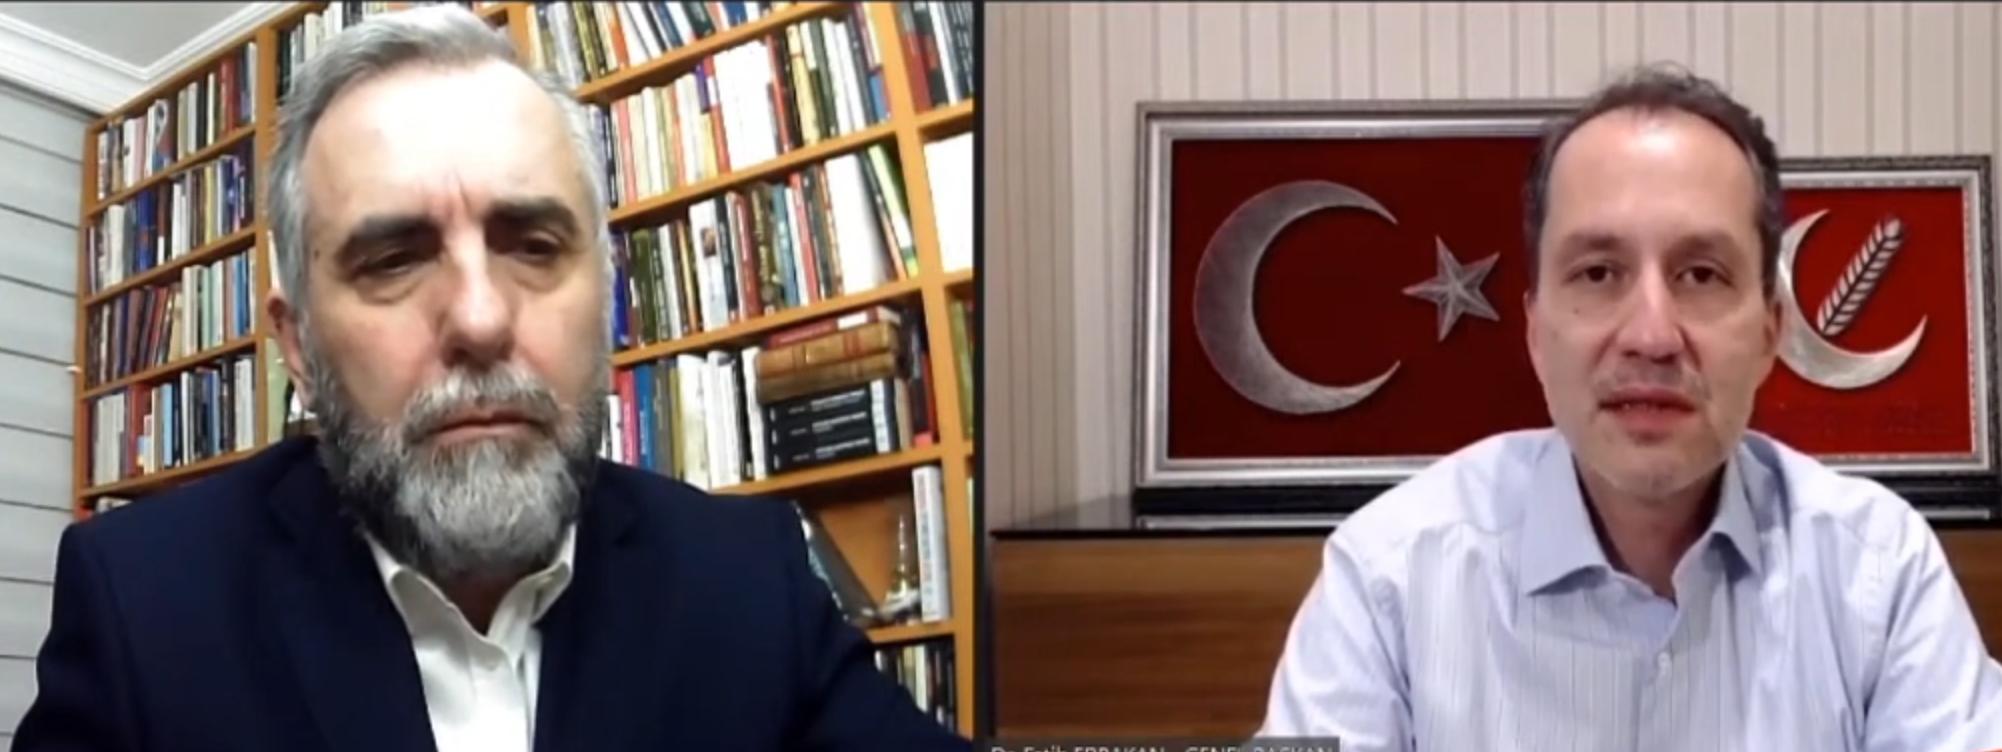 Fatih Erbakan'dan TBMM'ye 'soykırım' çağrısı!